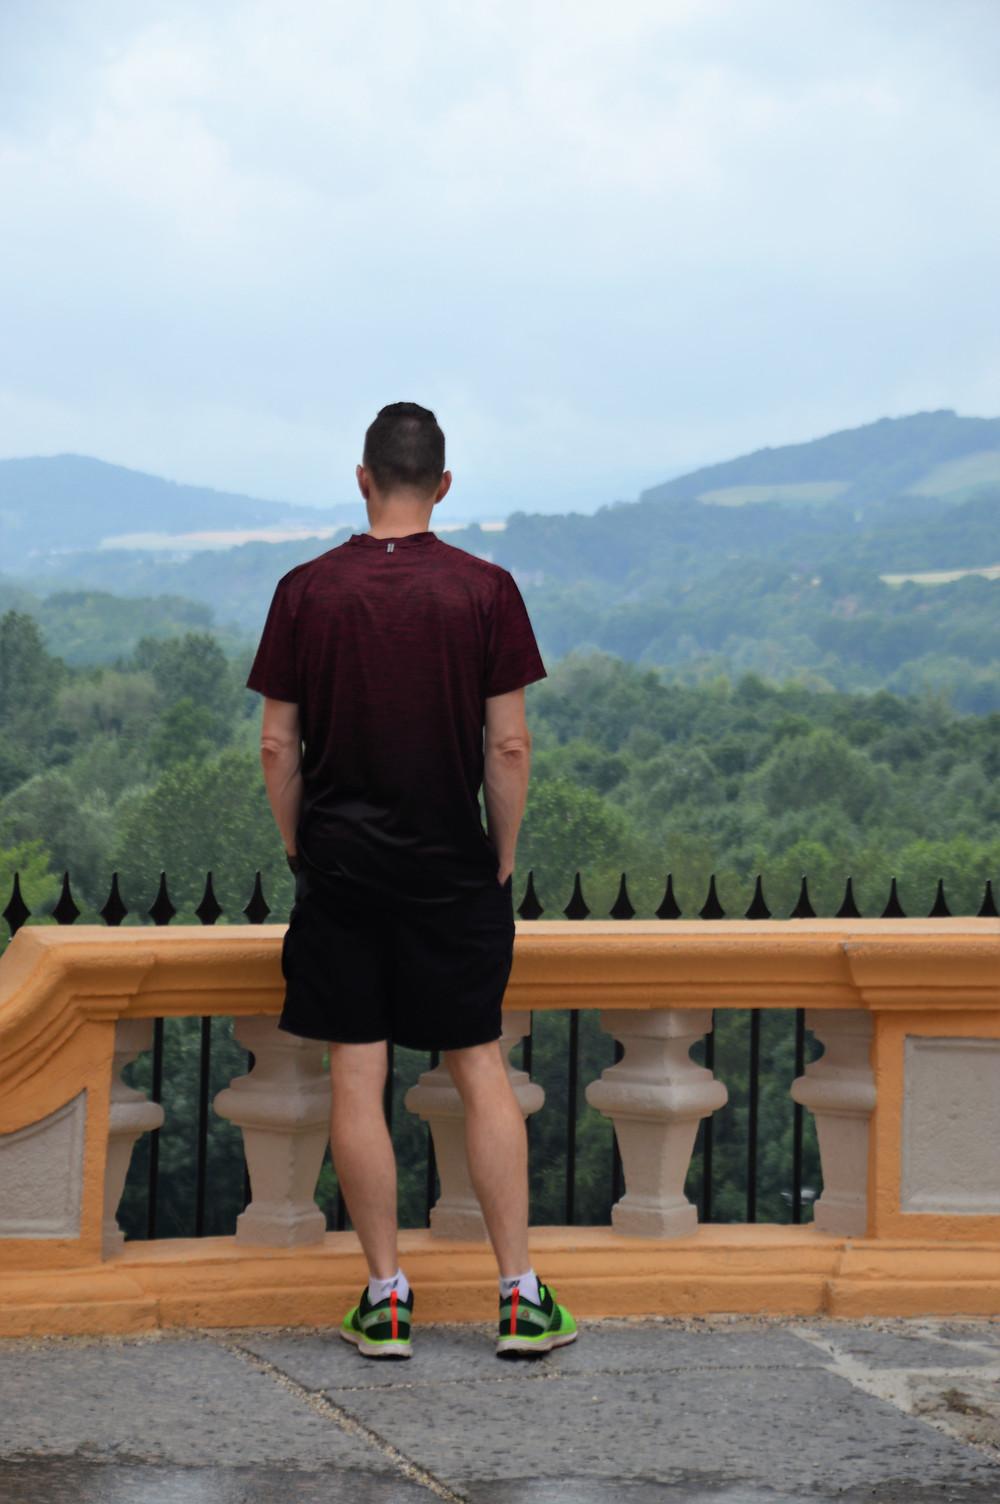 Looking over valleys surrounding Melk Abbey in Austria